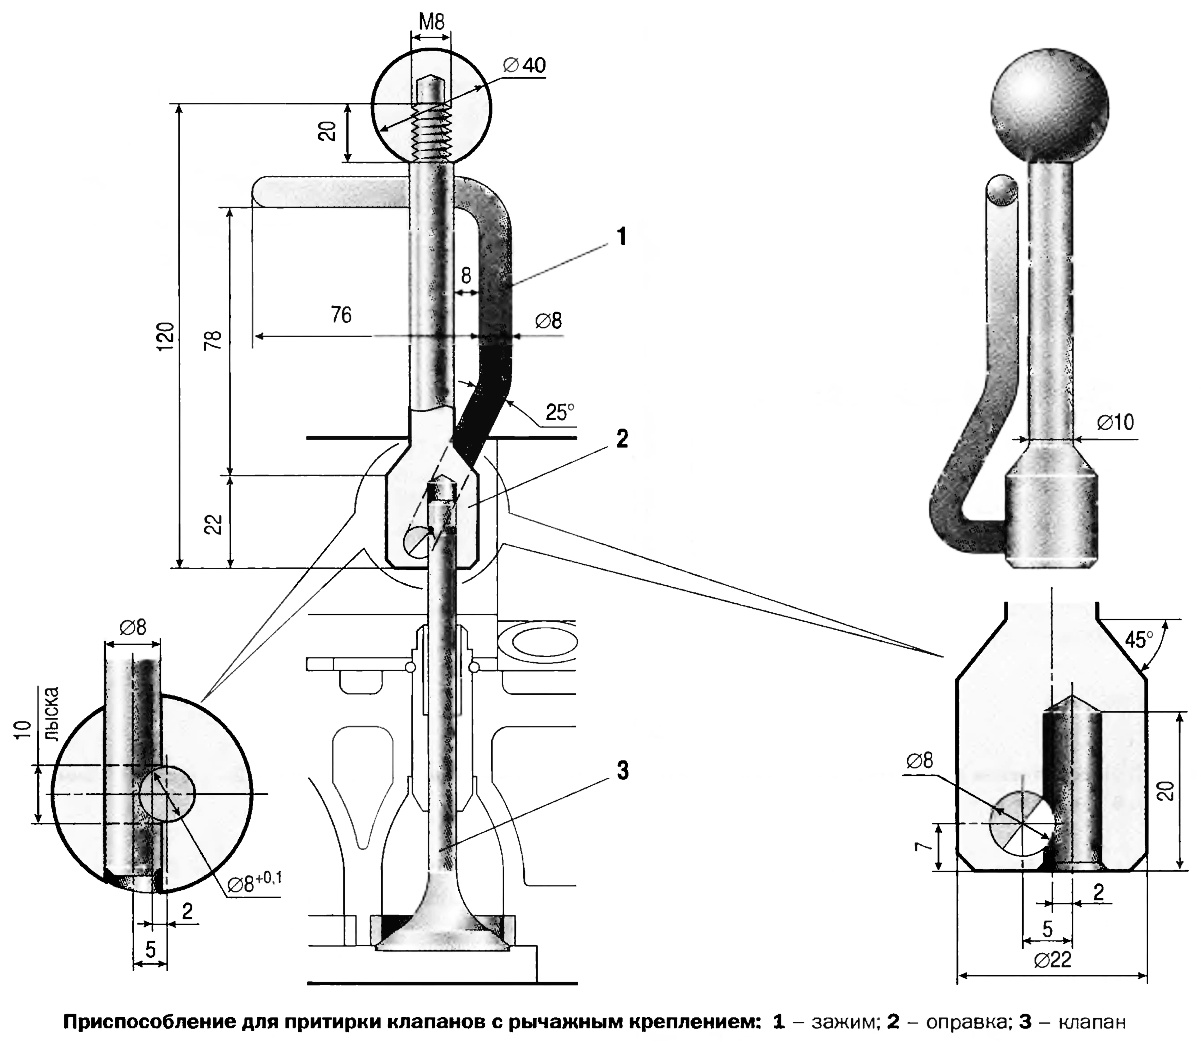 Дизайн садового участка 15 соток своими руками фото 28